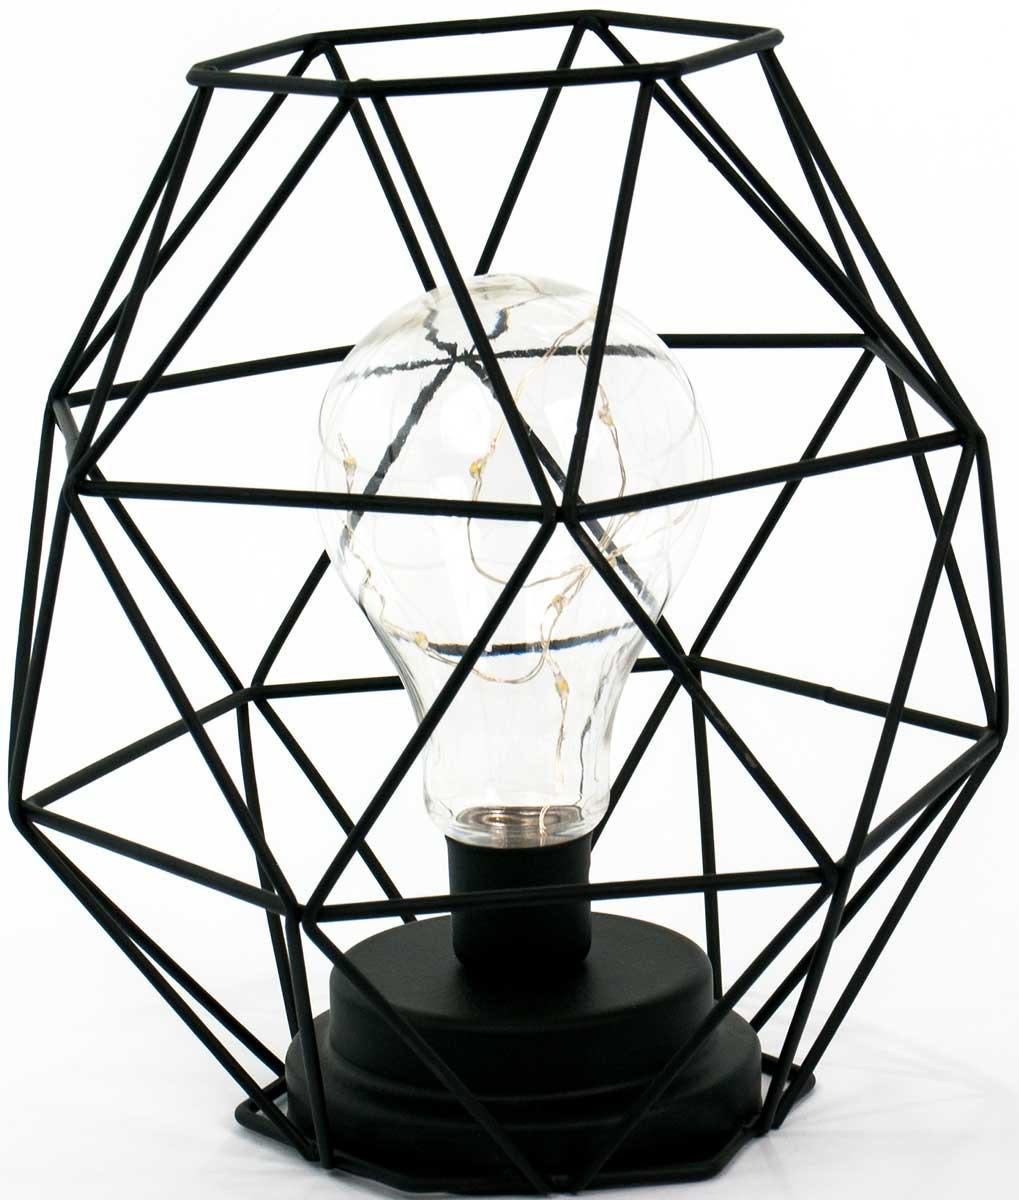 Декоративный светодиодный светильник является экономичным точечным источником света, удобным в использовании как внутри, так и вне помещений. Благодаря неяркому свету, светильник создает утонченную романтическую атмосферу. С наступлением дачного сезона особенно востребован при загородных поездках на дачу.